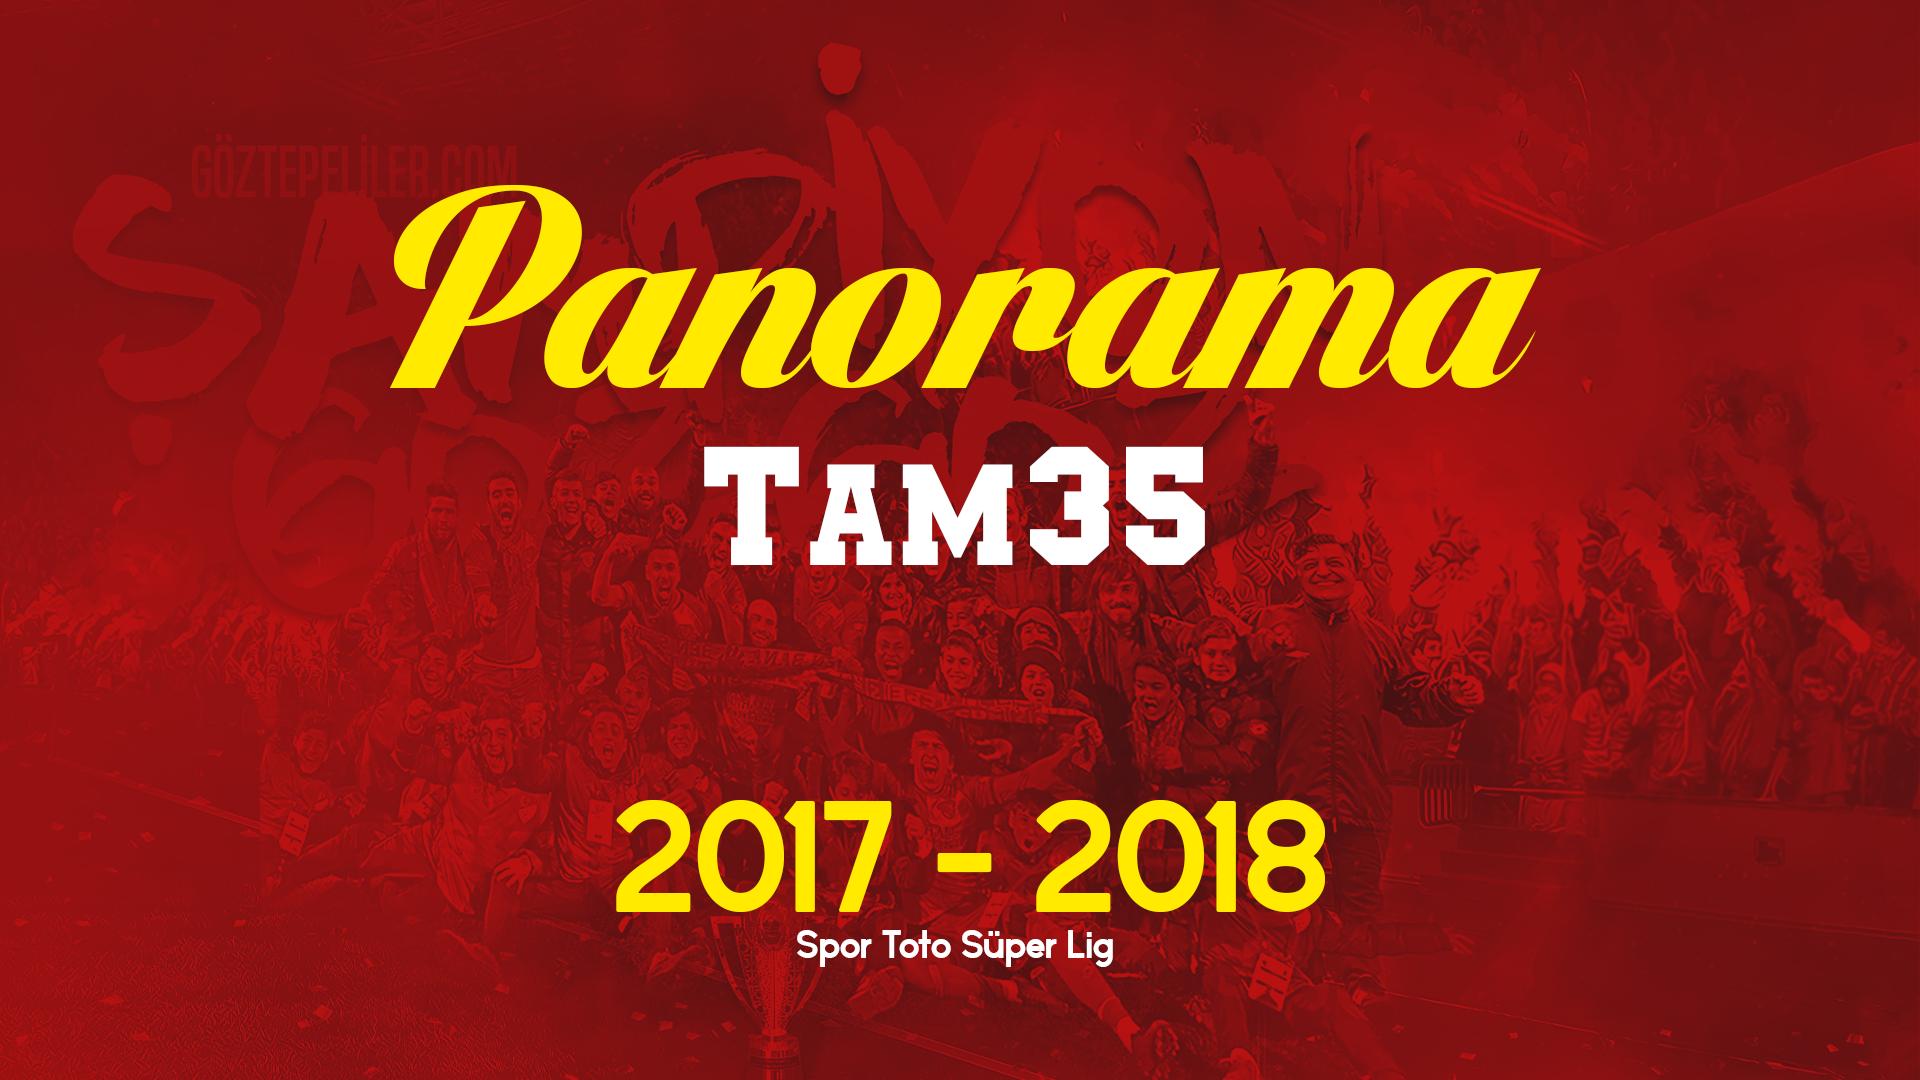 Panorama Tam 35 | Göztepeliler.com